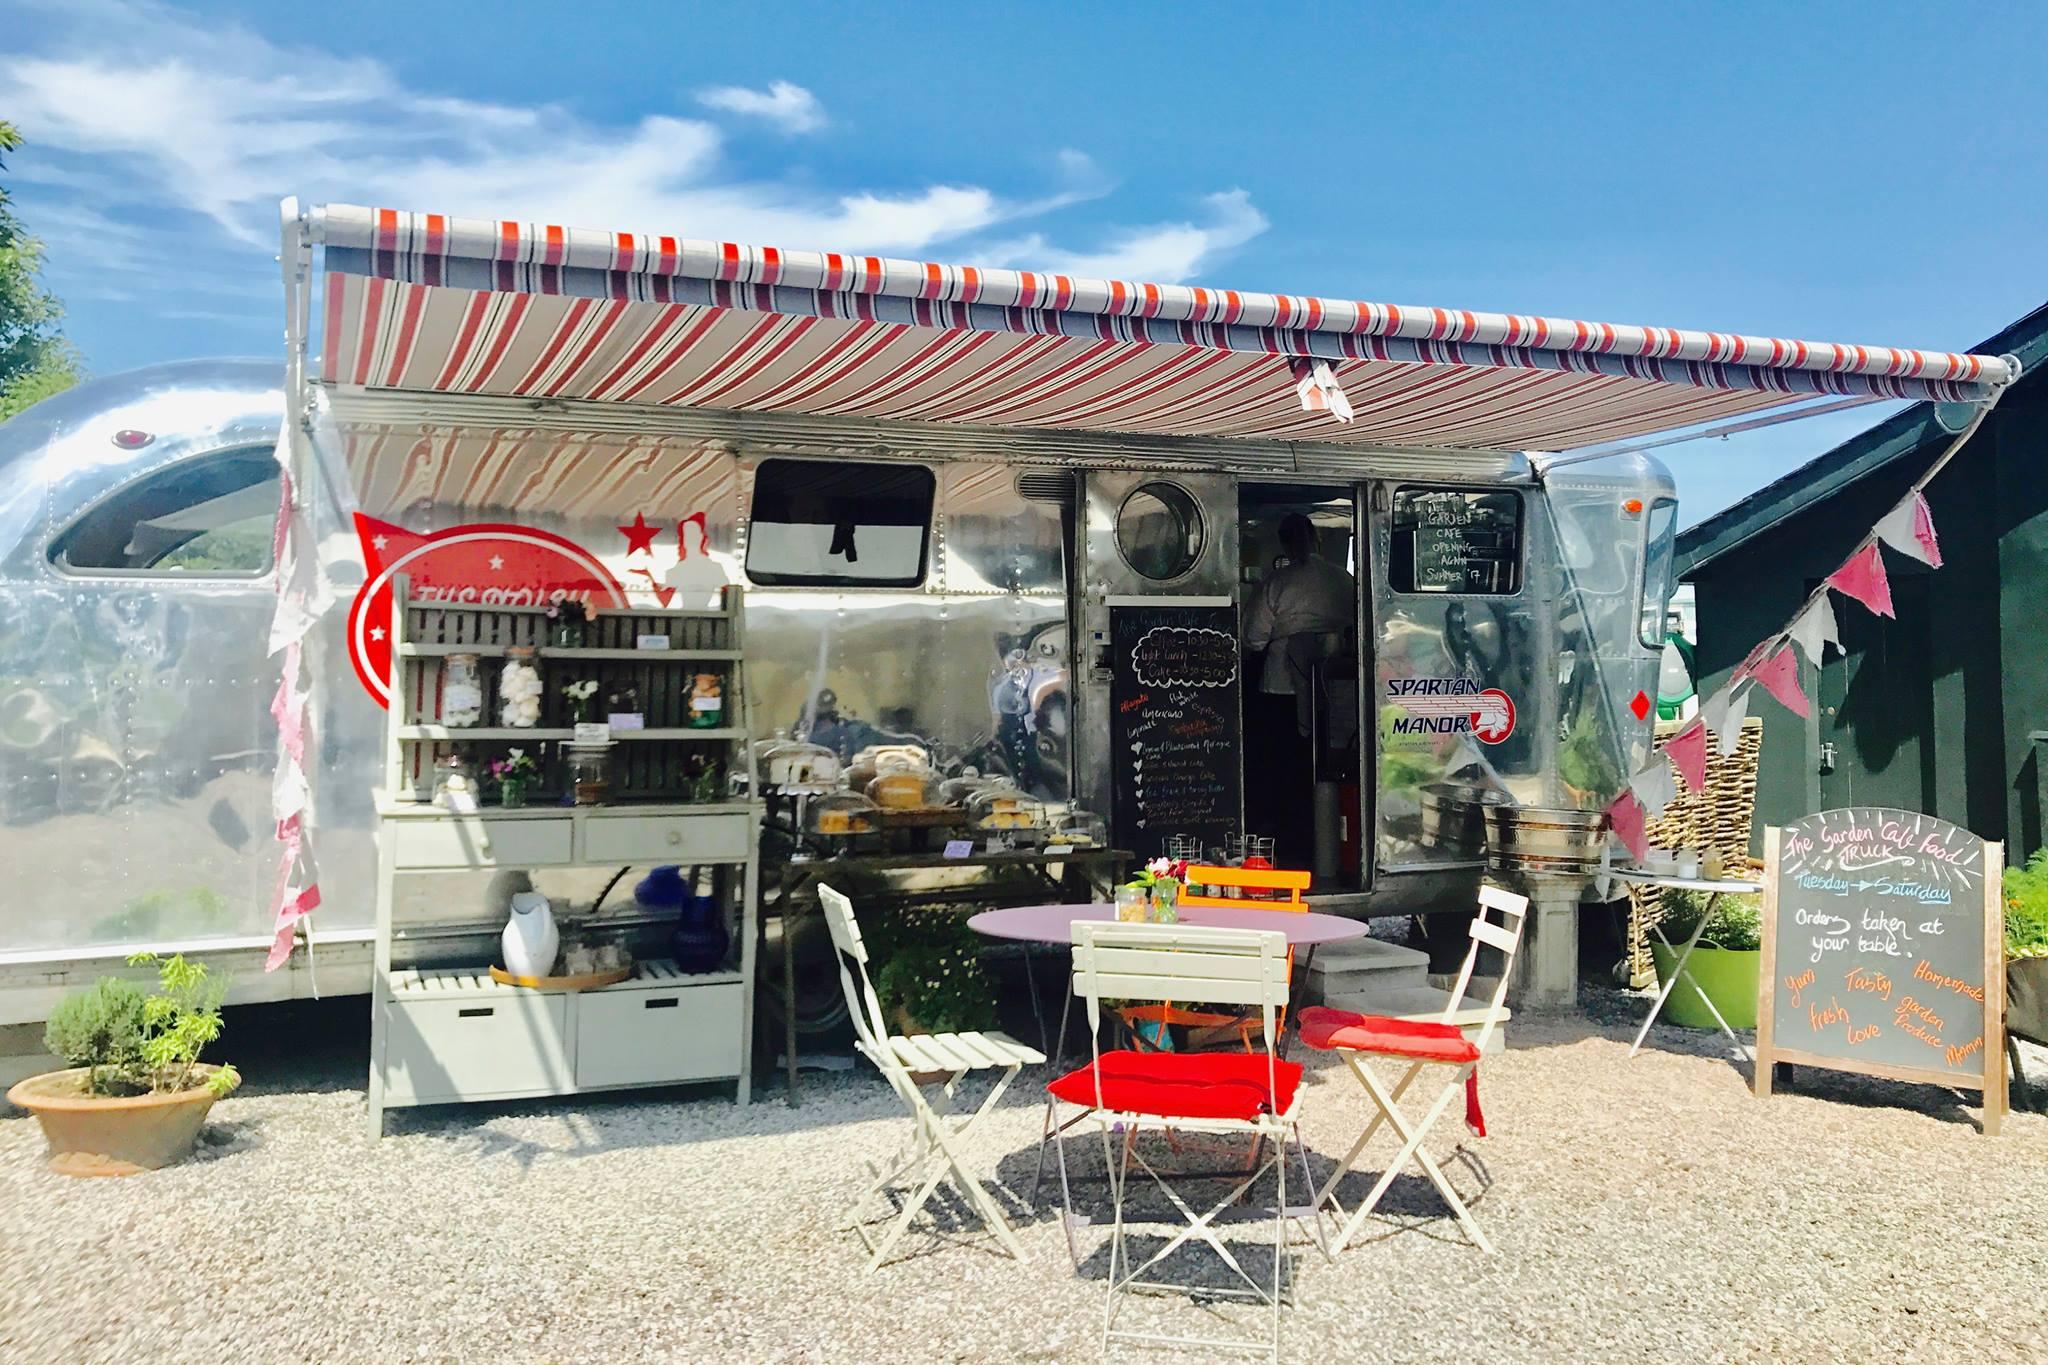 The Garden Café Truck